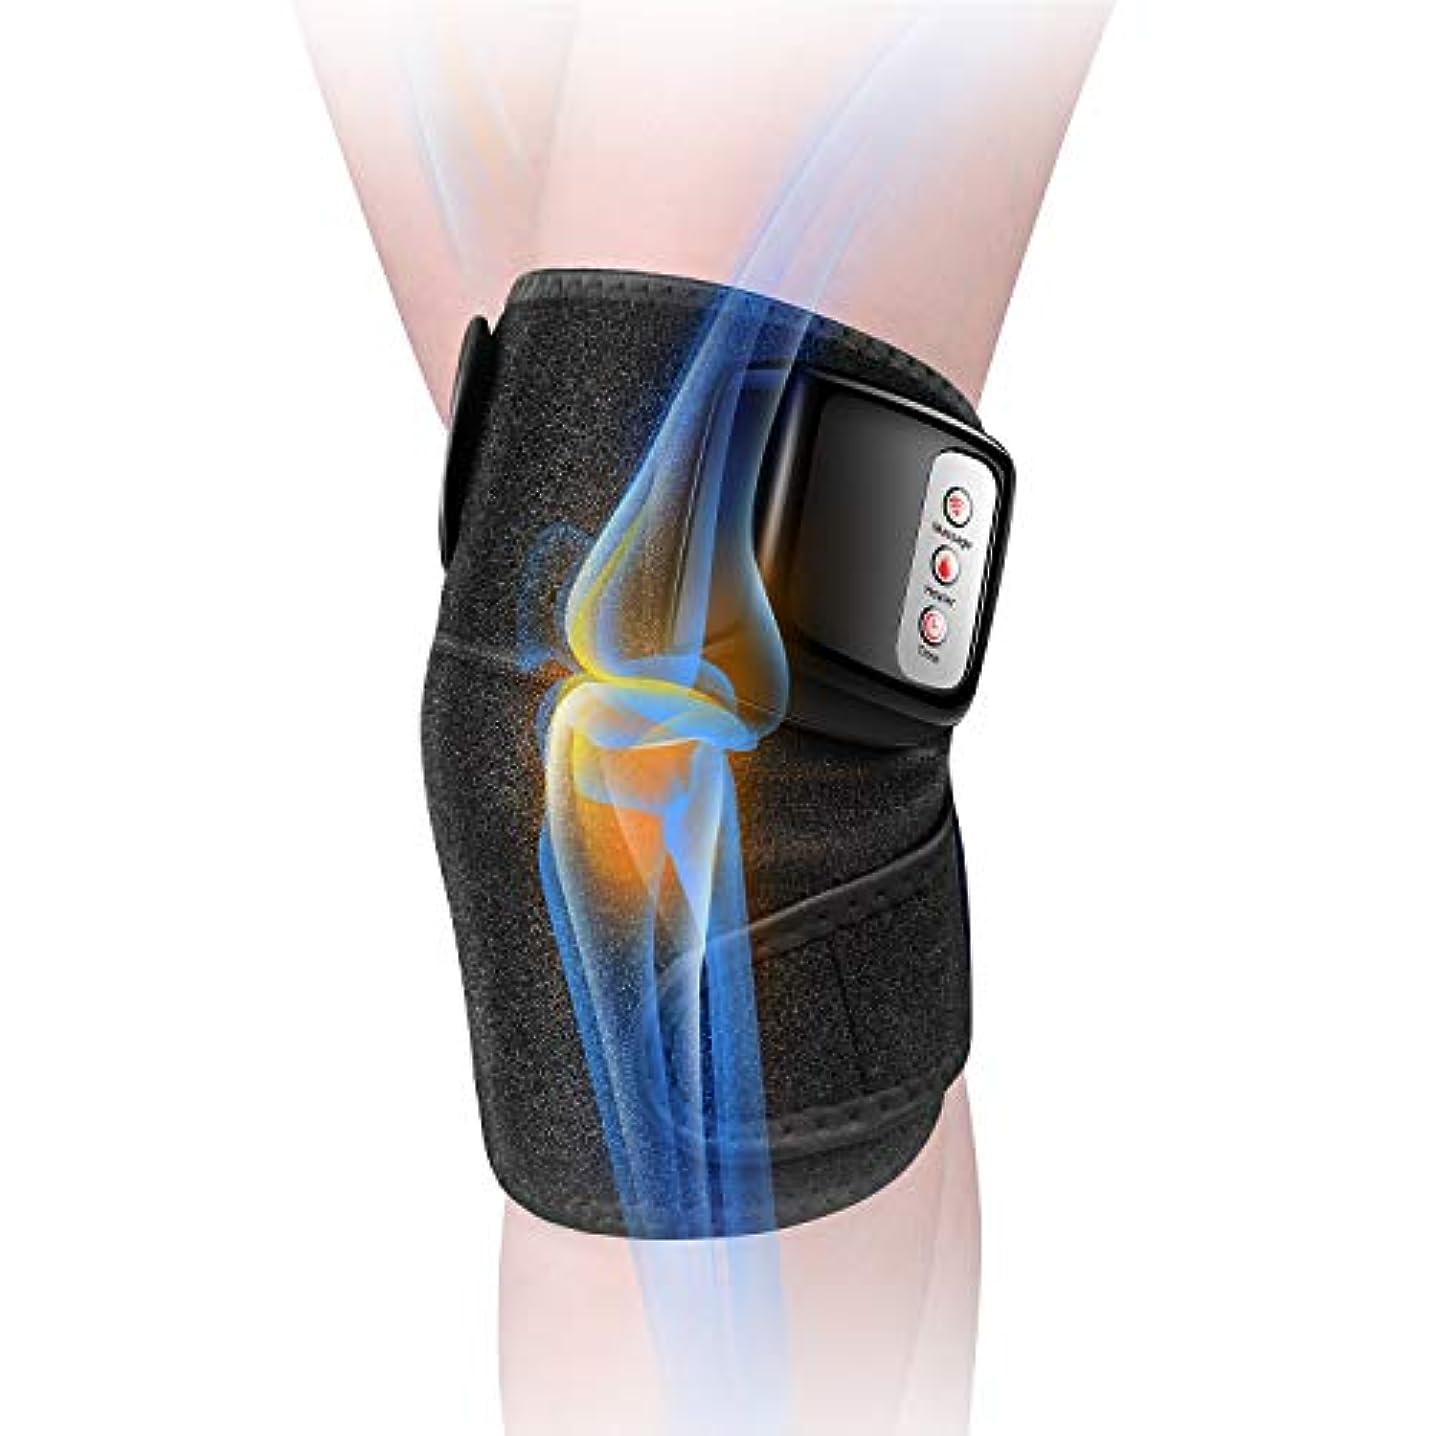 校長エミュレーショントロリー膝マッサージャー 関節マッサージャー マッサージ器 フットマッサージャー 振動 赤外線療法 温熱療法 膝サポーター ストレス解消 肩 太もも/腕対応